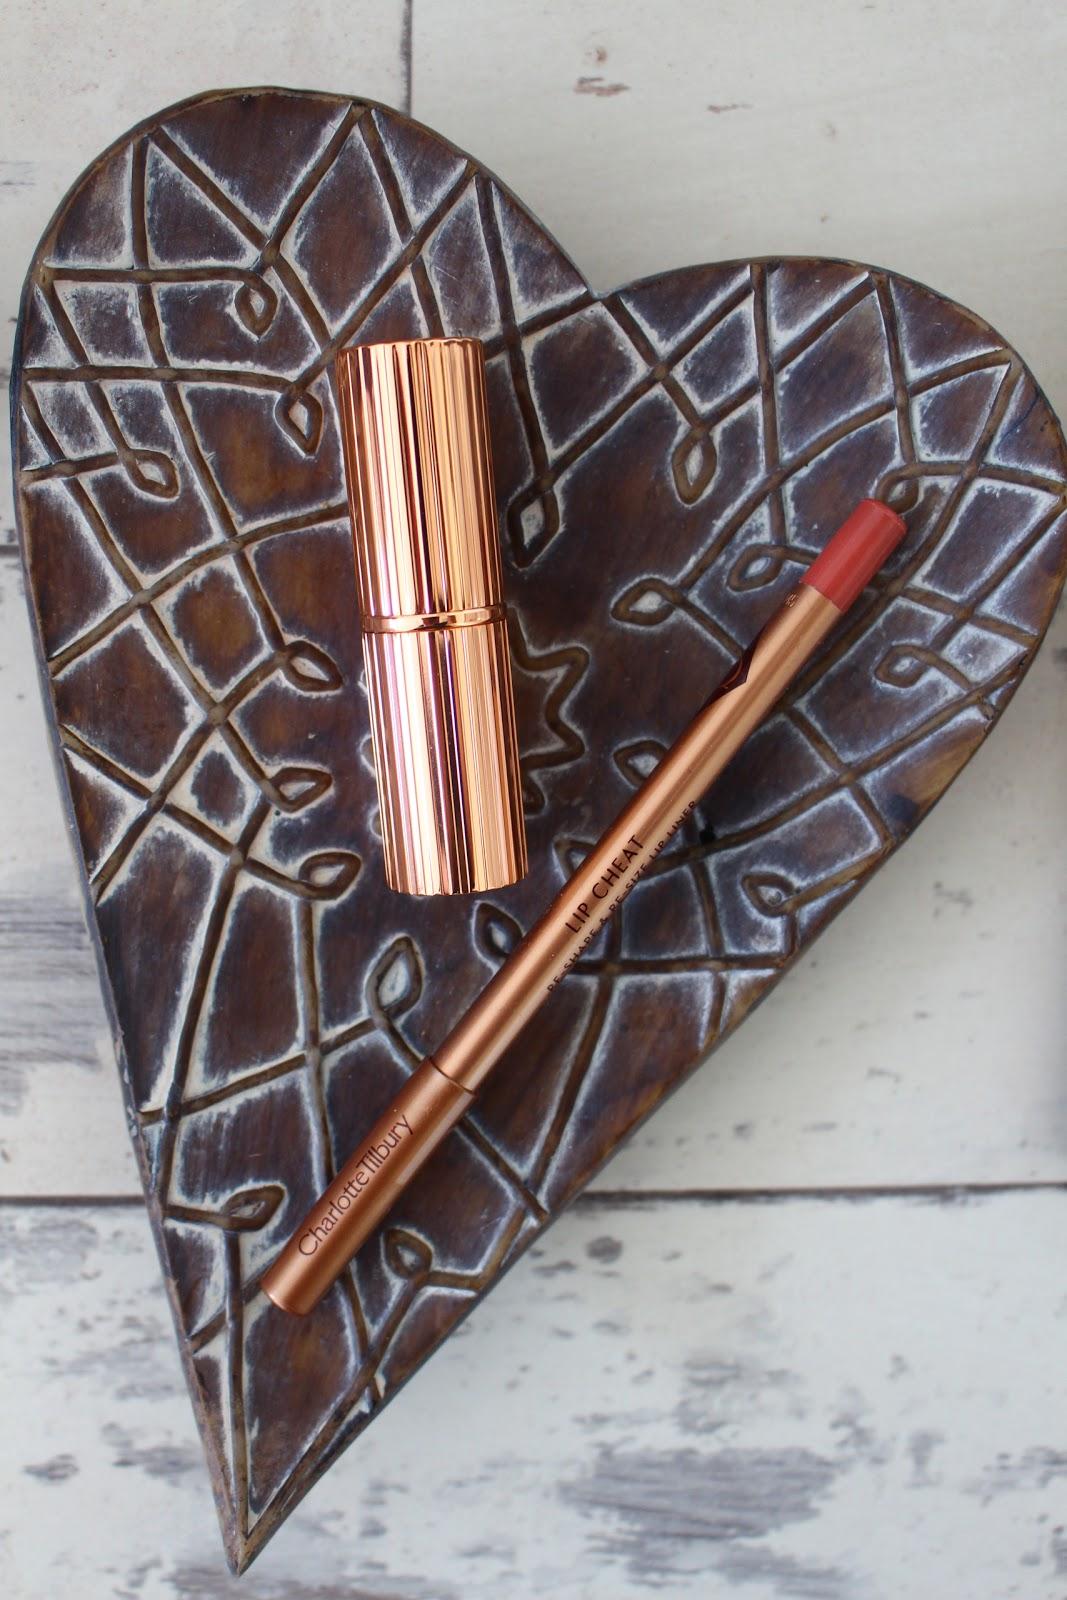 Charlotte Tilbury Lipstick, Charlotte Tilbury Lip Liner